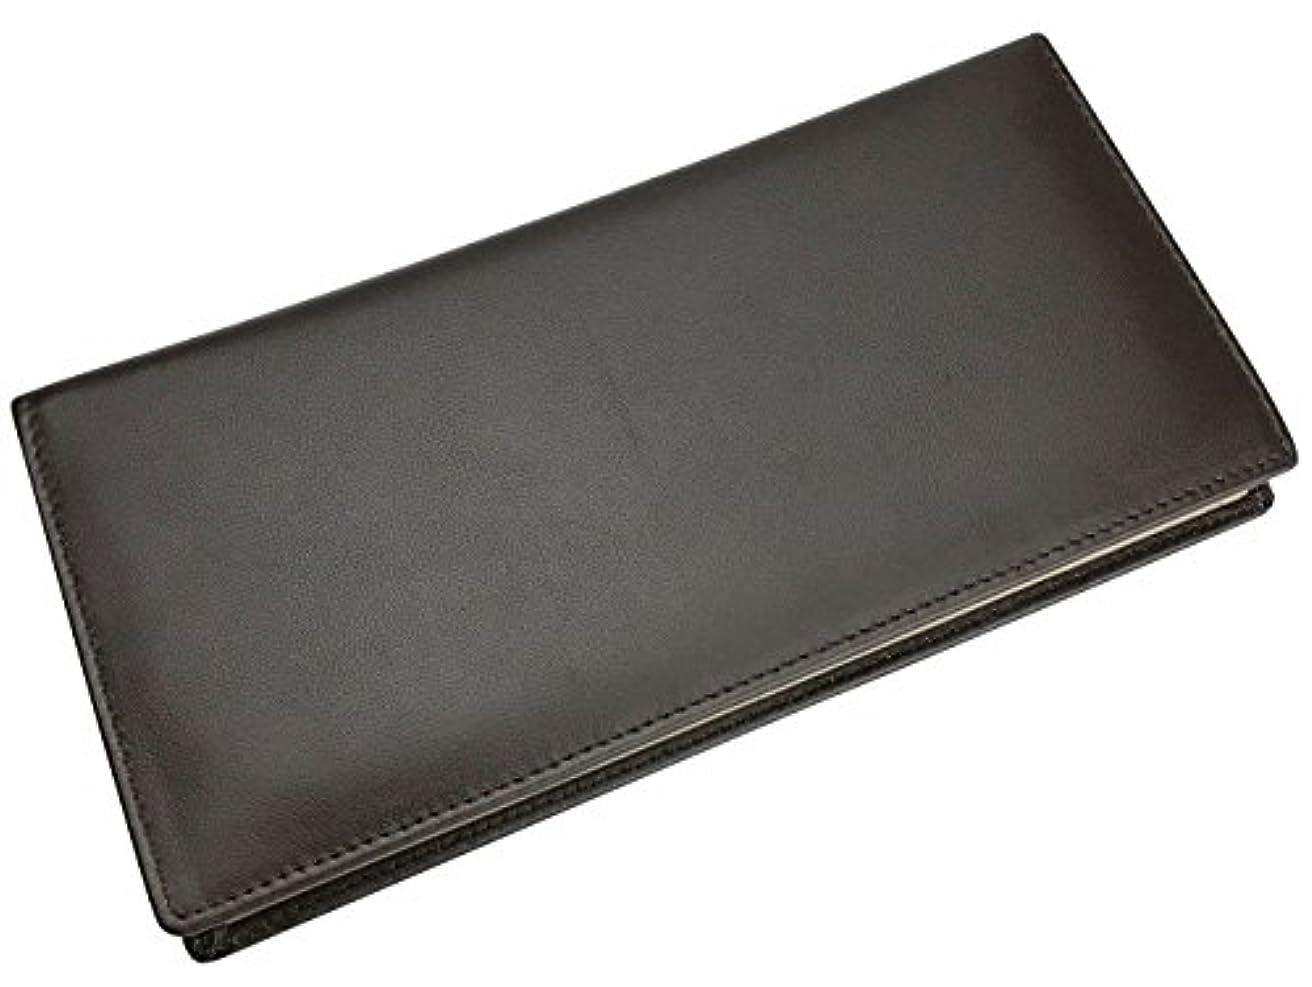 恐れマイクエッセイ[フロックス] 財布 長財布 二つ折り 二つ折り長財布 ウォレット 本革 カード 大容量 シンプル 2つ折り ブランド 人気 メンズ レディース